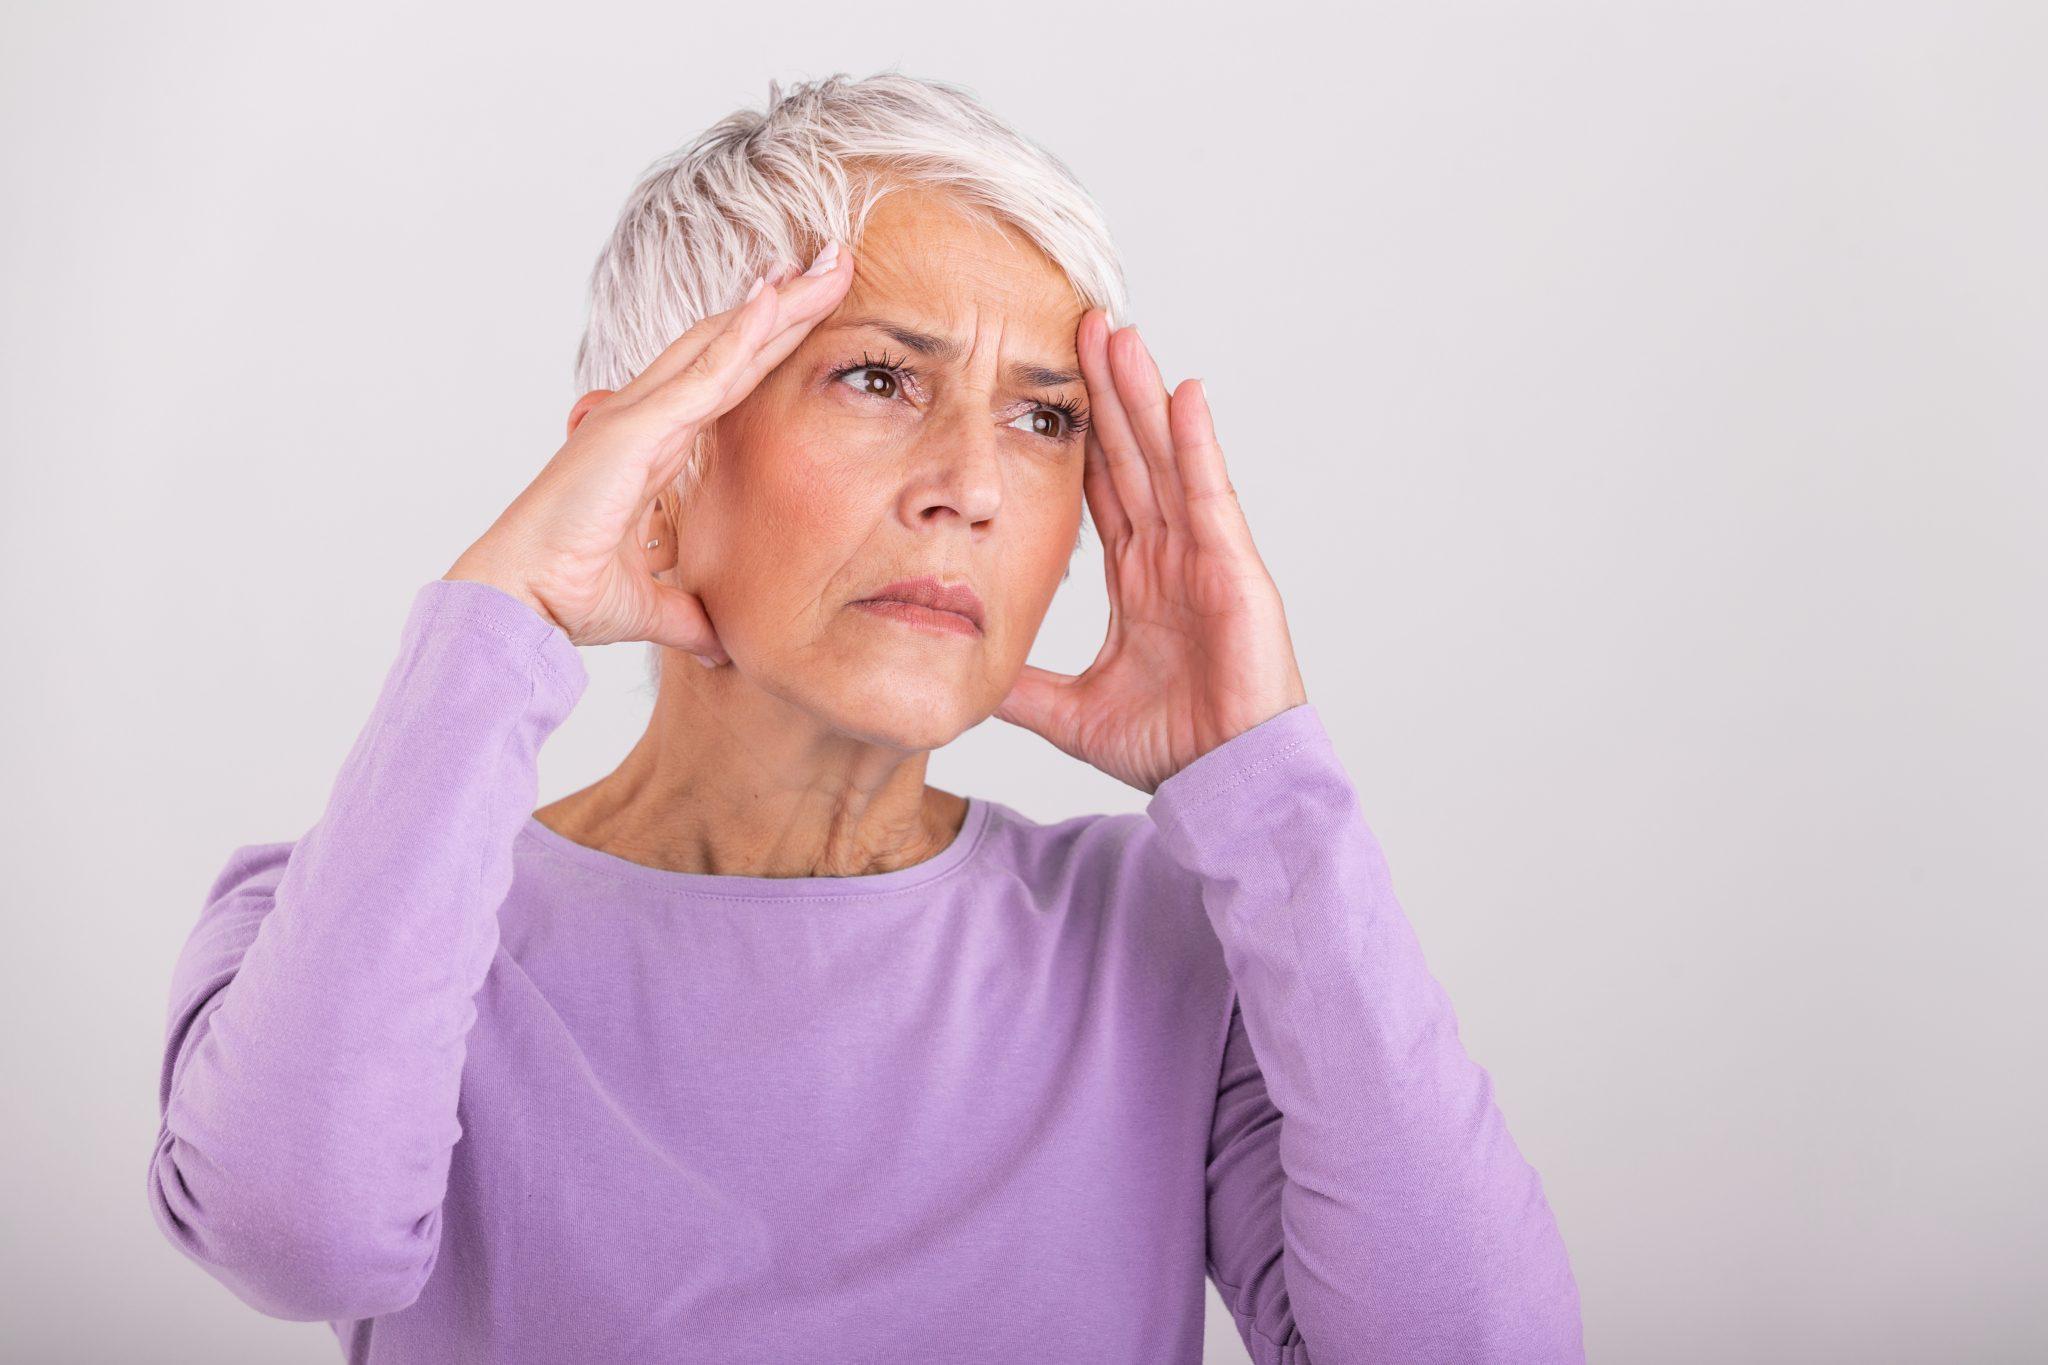 Senhora com dor de cabeça